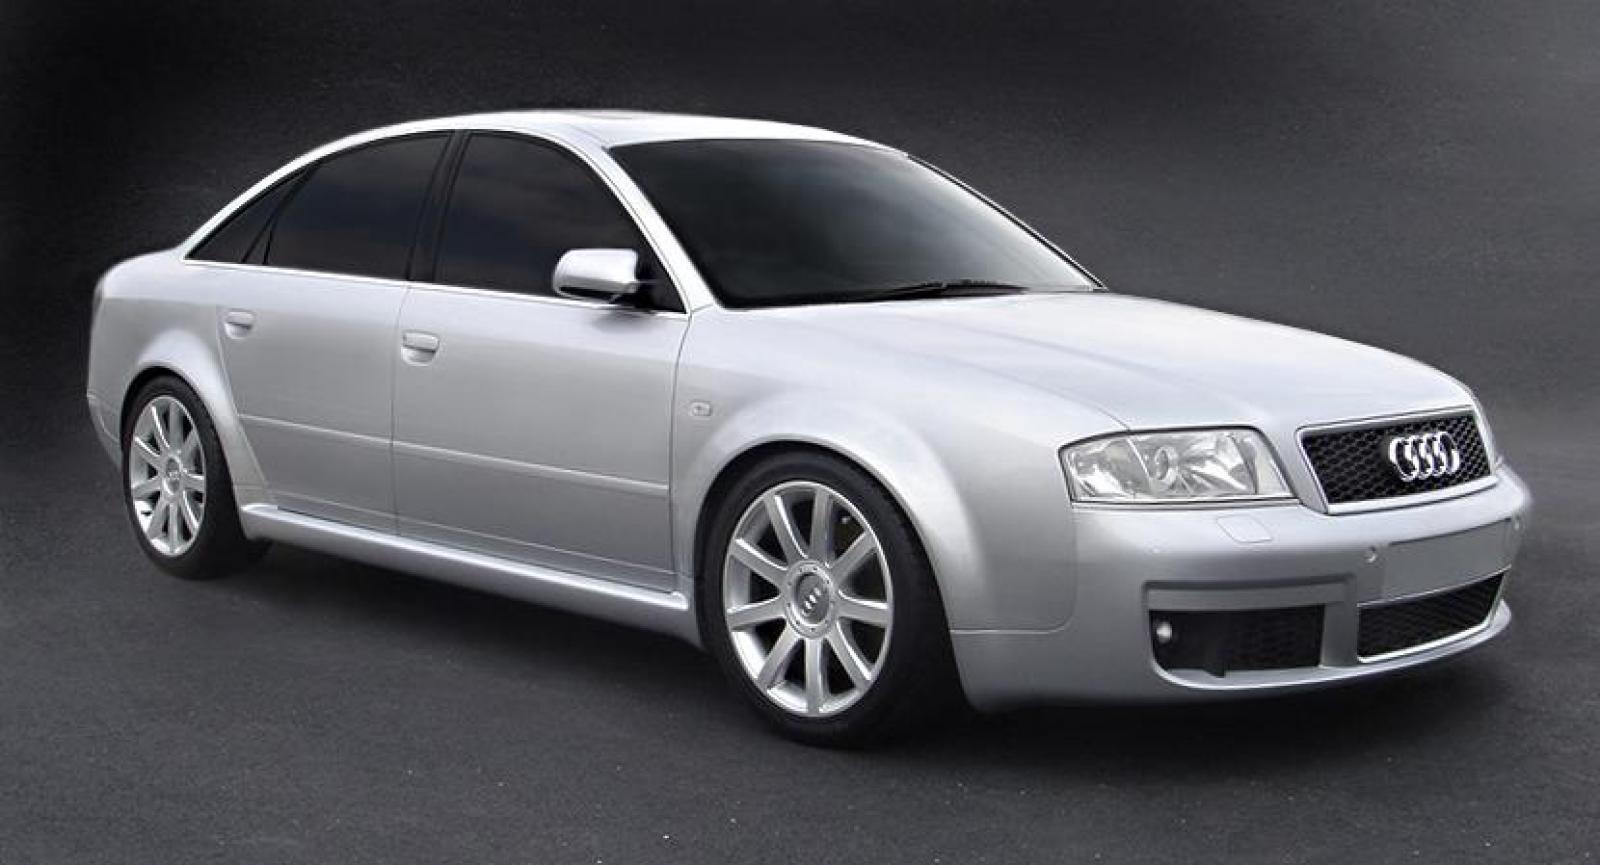 2000 Audi A6 #6 Audi A6 #6 800 1024 1280 1600 origin ...